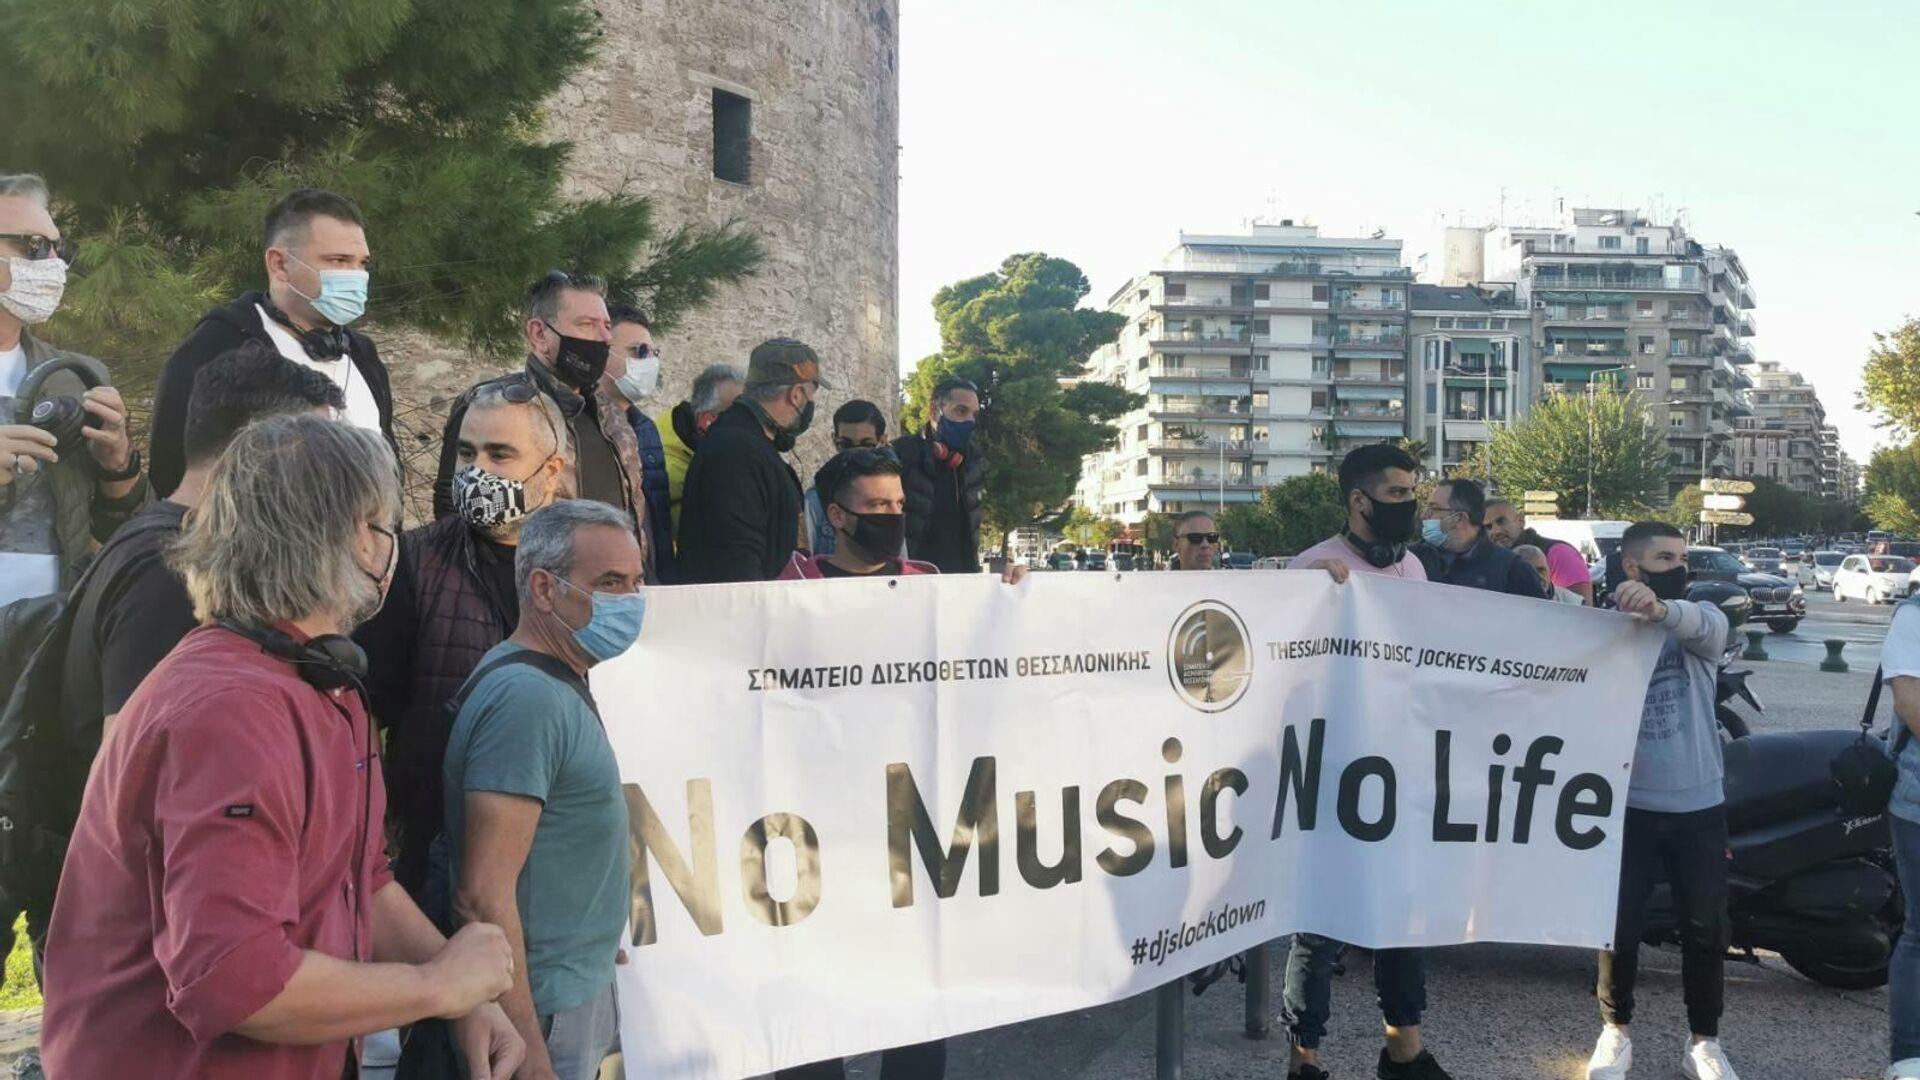 Διαμαρτυρία Dj στο Λευκό Πύργο  - Sputnik Ελλάδα, 1920, 04.10.2021